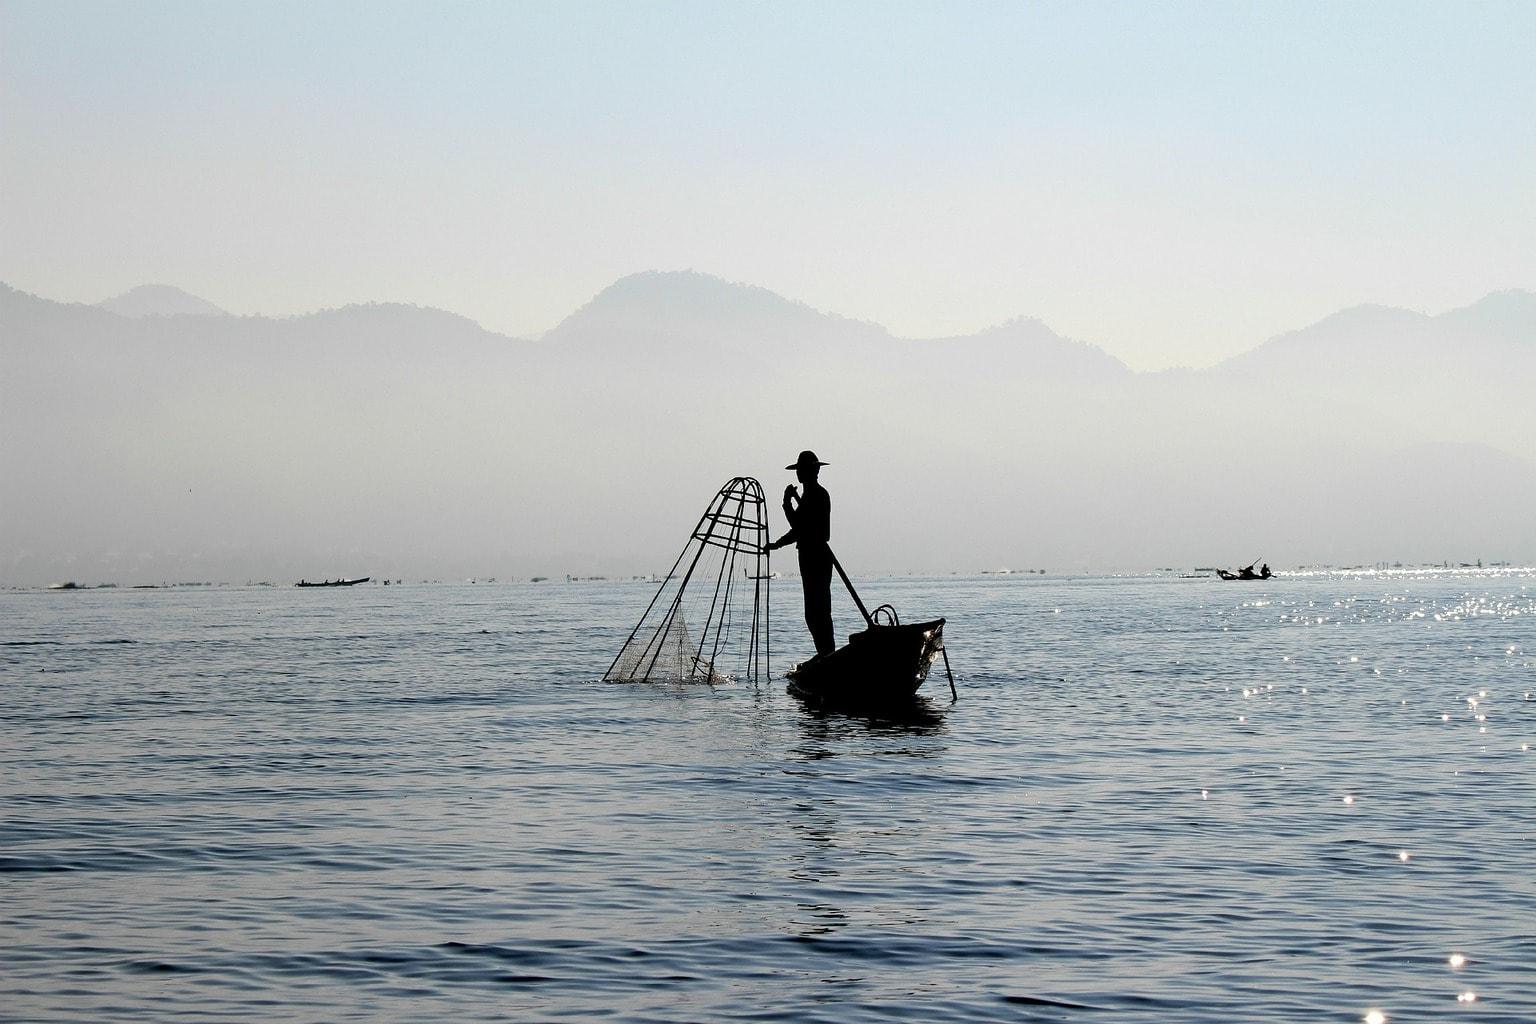 fotografía de un bote de pesca